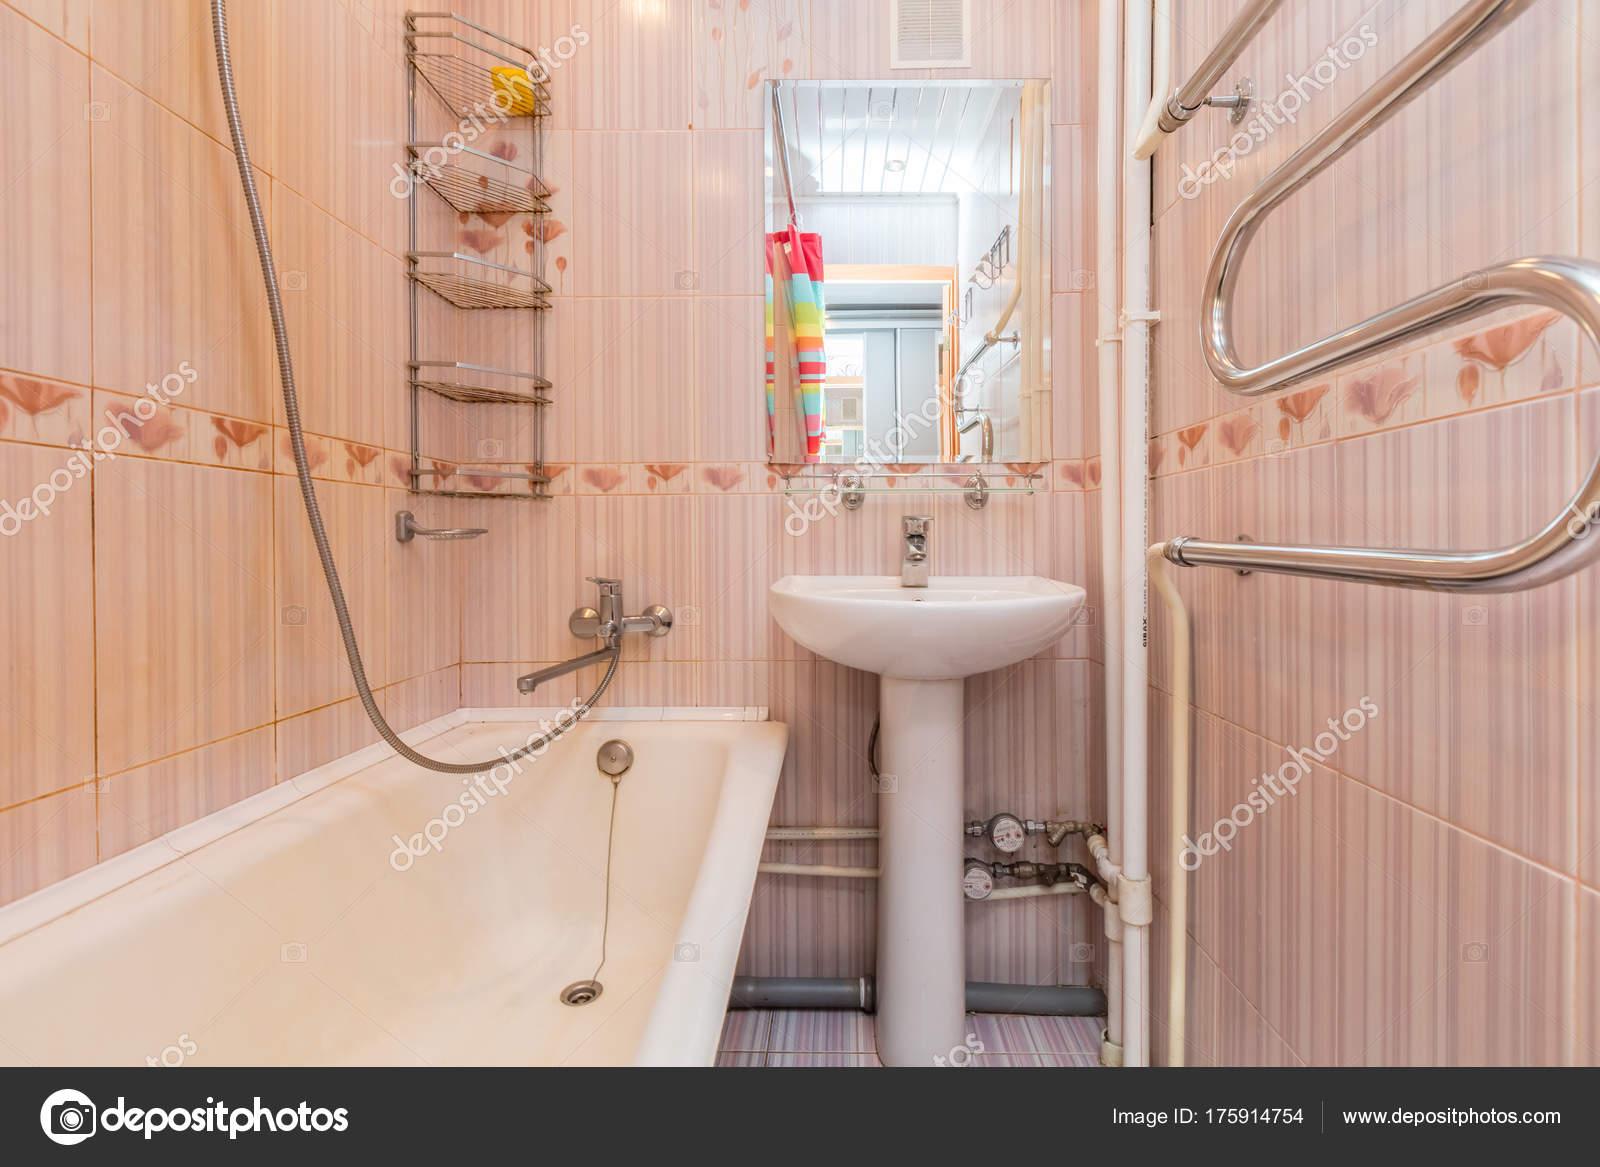 Bagno Beige Piccolo : Piccola stanza da bagno beige u2014 foto stock © olgasweet #175914754